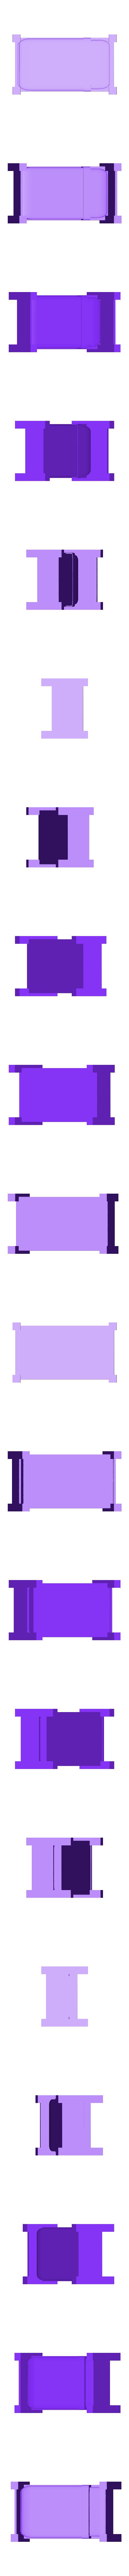 Luis_Furniture_bed_1.stl Télécharger fichier STL gratuit Ensemble de meubles inspiré par Wolfenstein pour le jeu de guerre • Modèle pour imprimante 3D, El_Mutanto